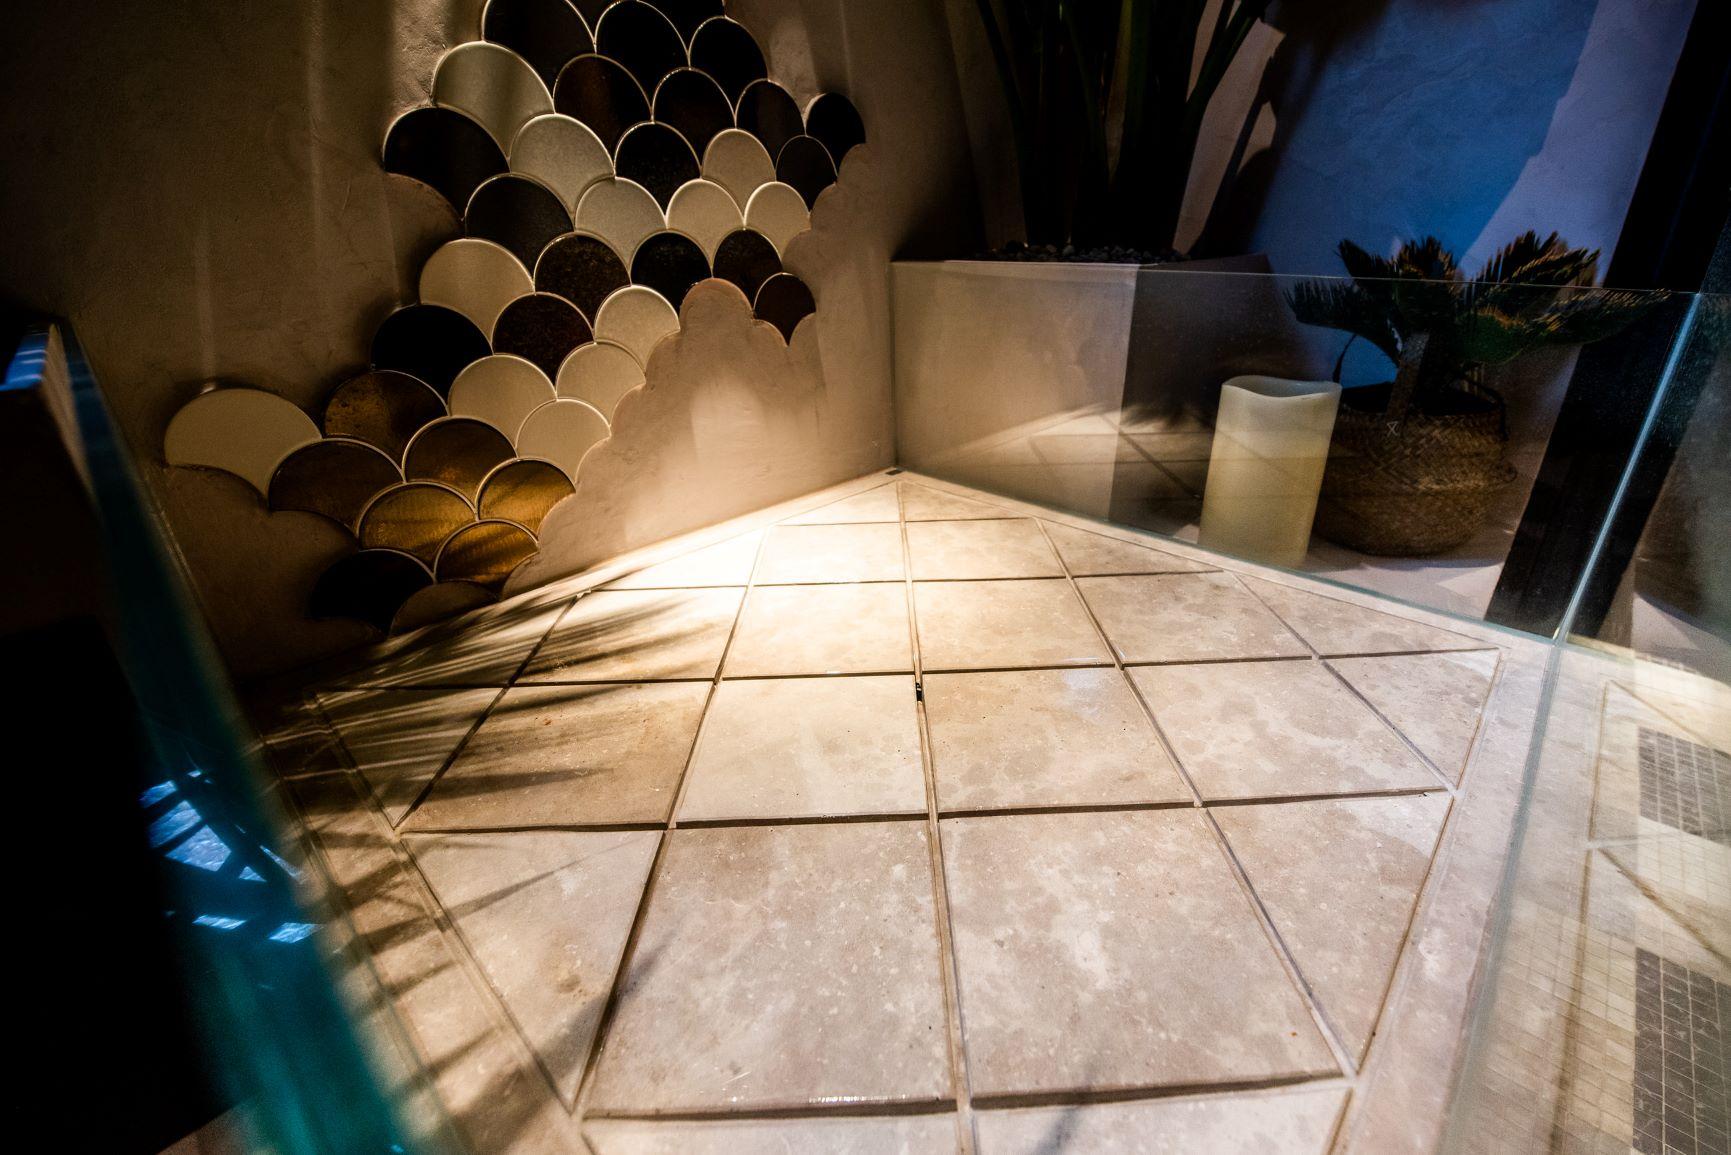 Plato de ducha de piedra